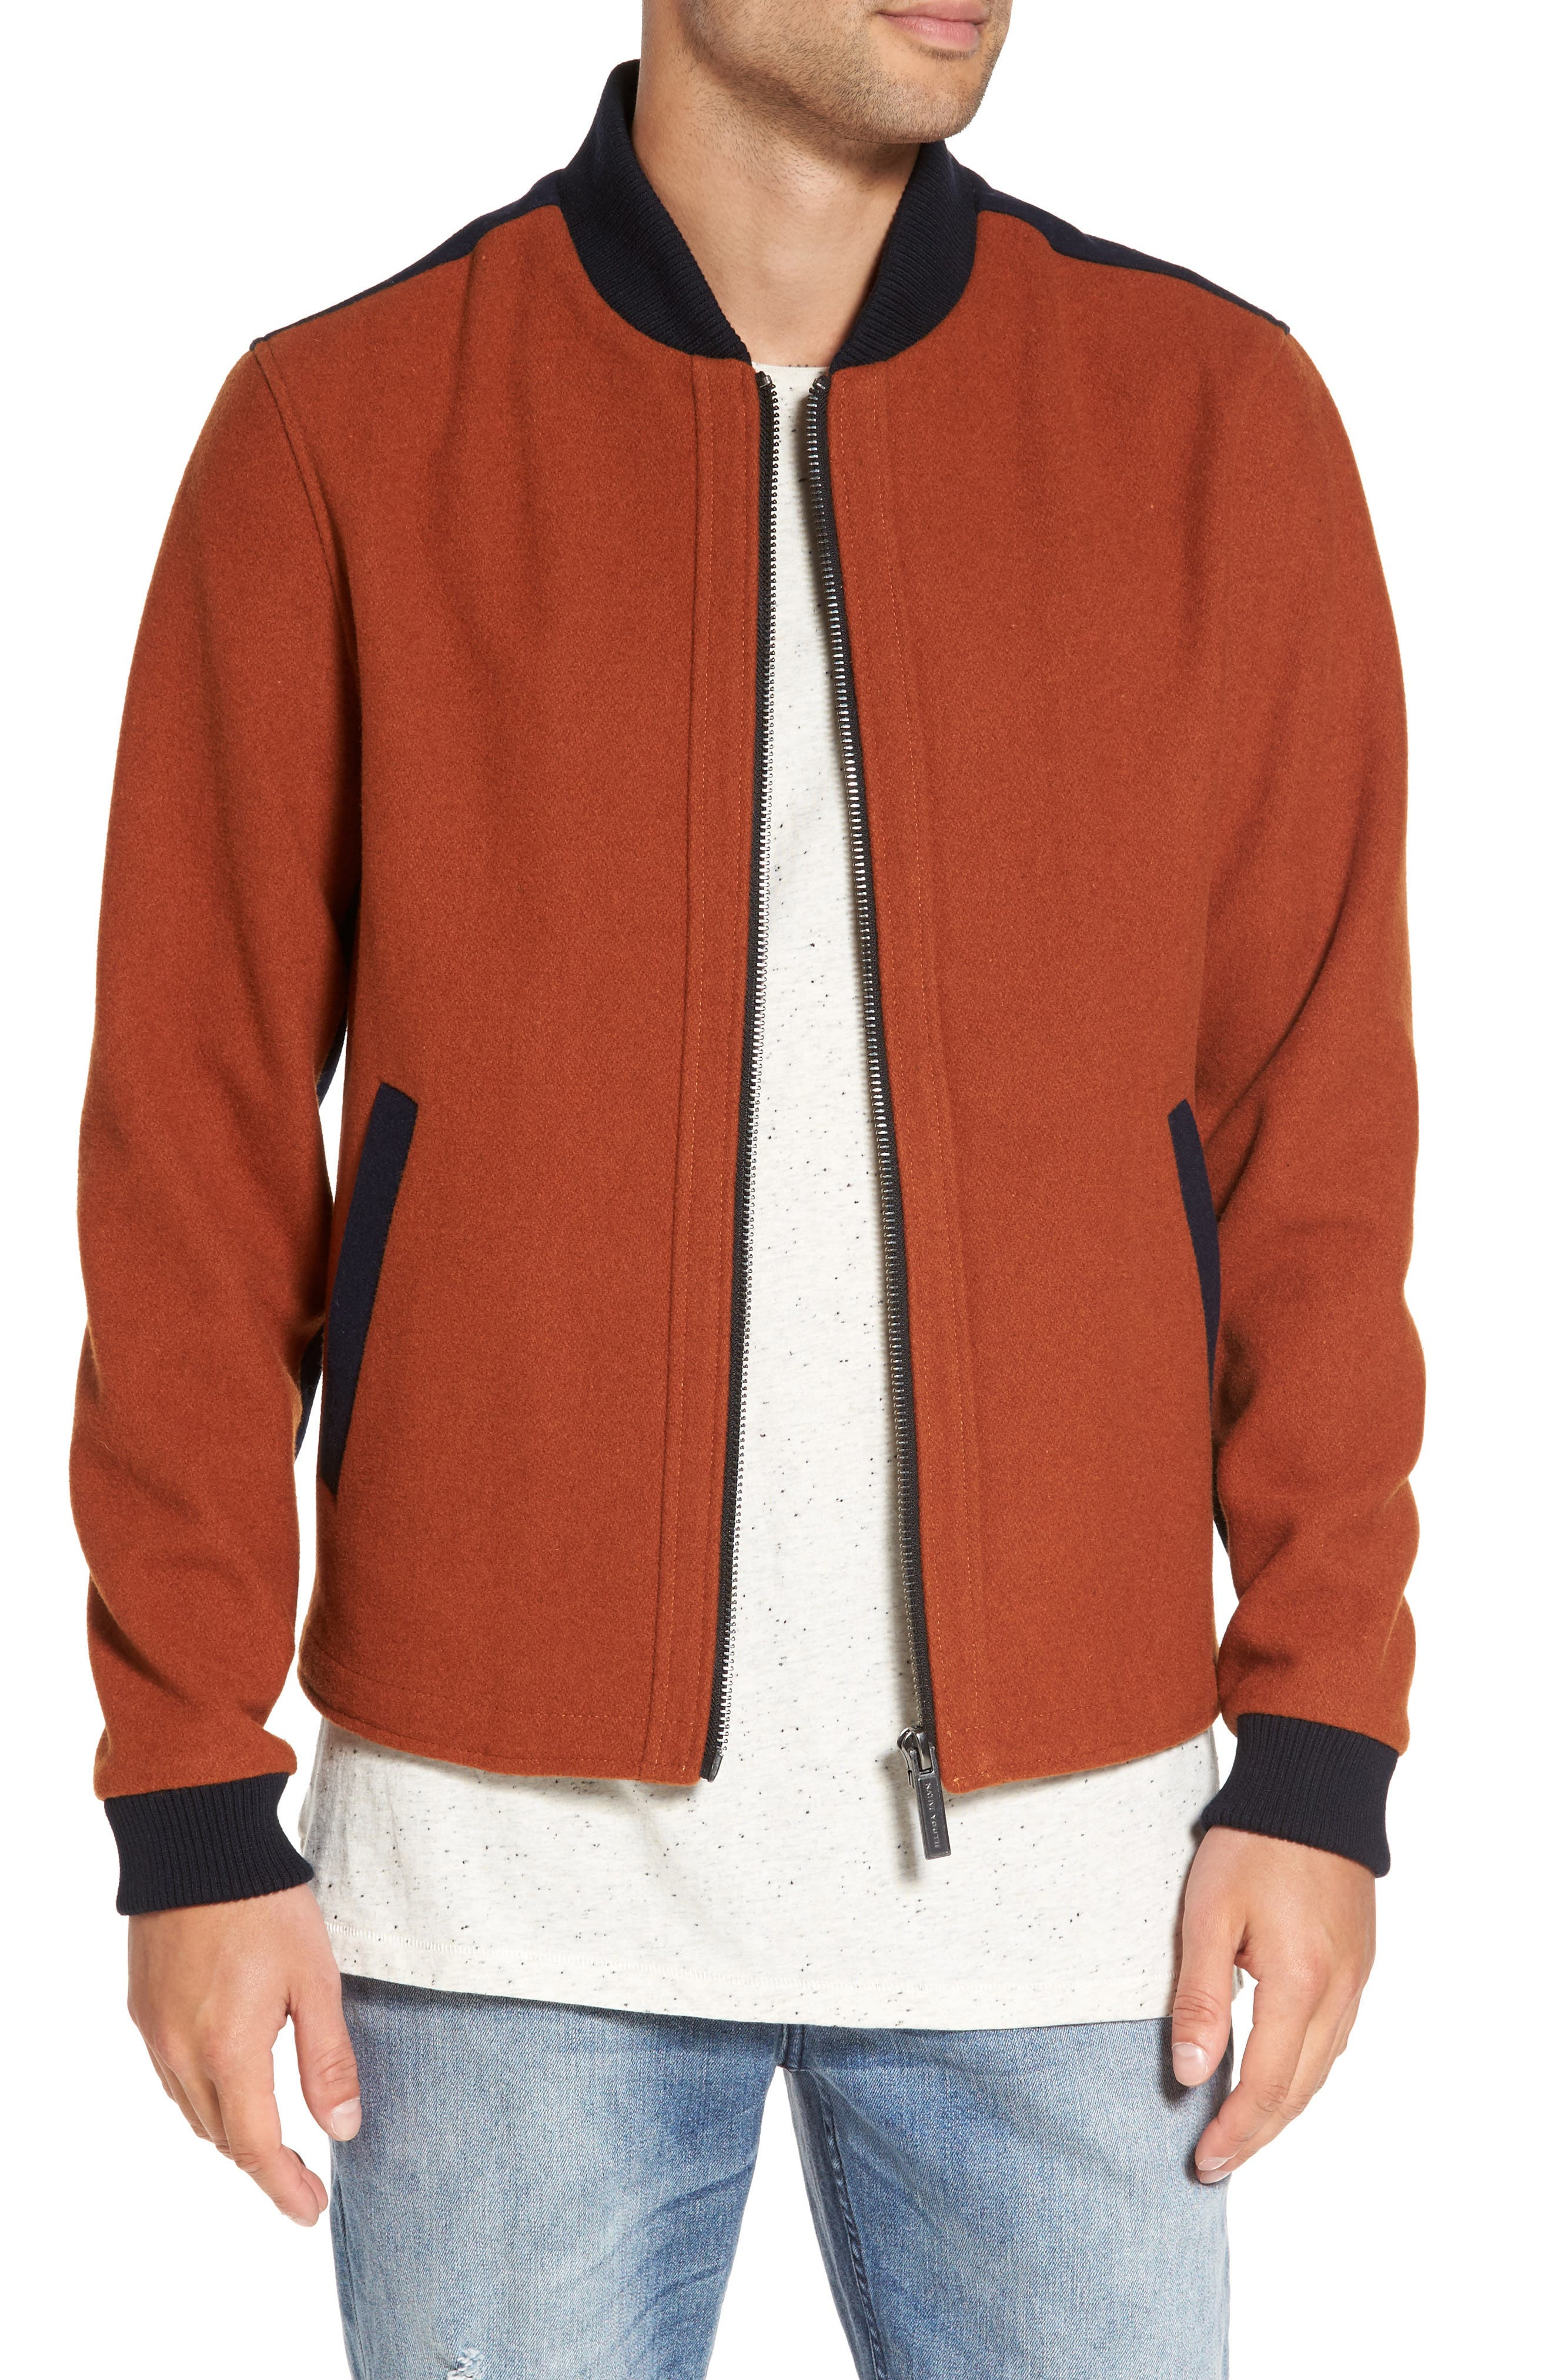 Main Image - Native Youth Maldon Bomber Jacket